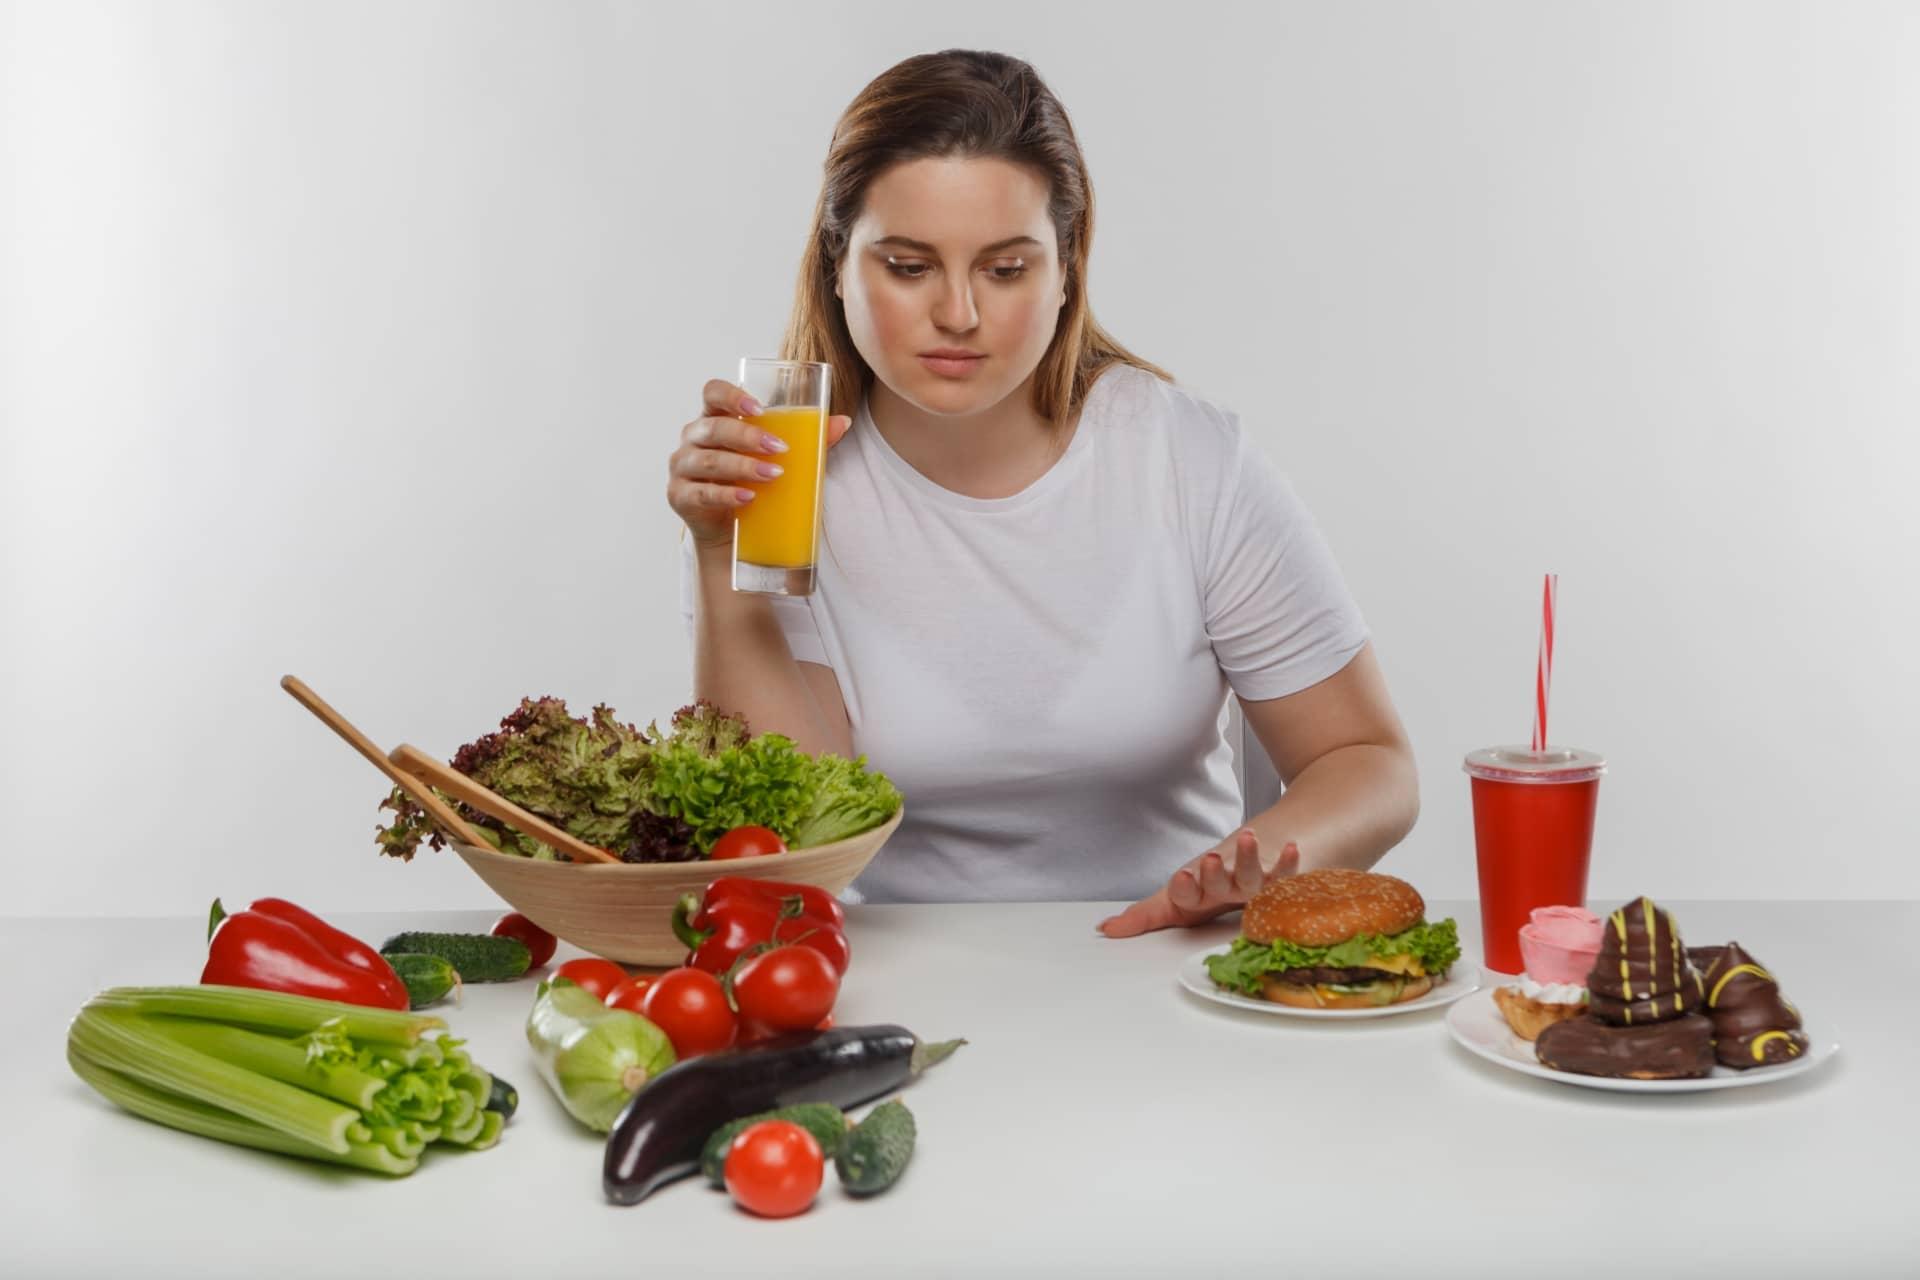 色んな食品を目の前にする女性